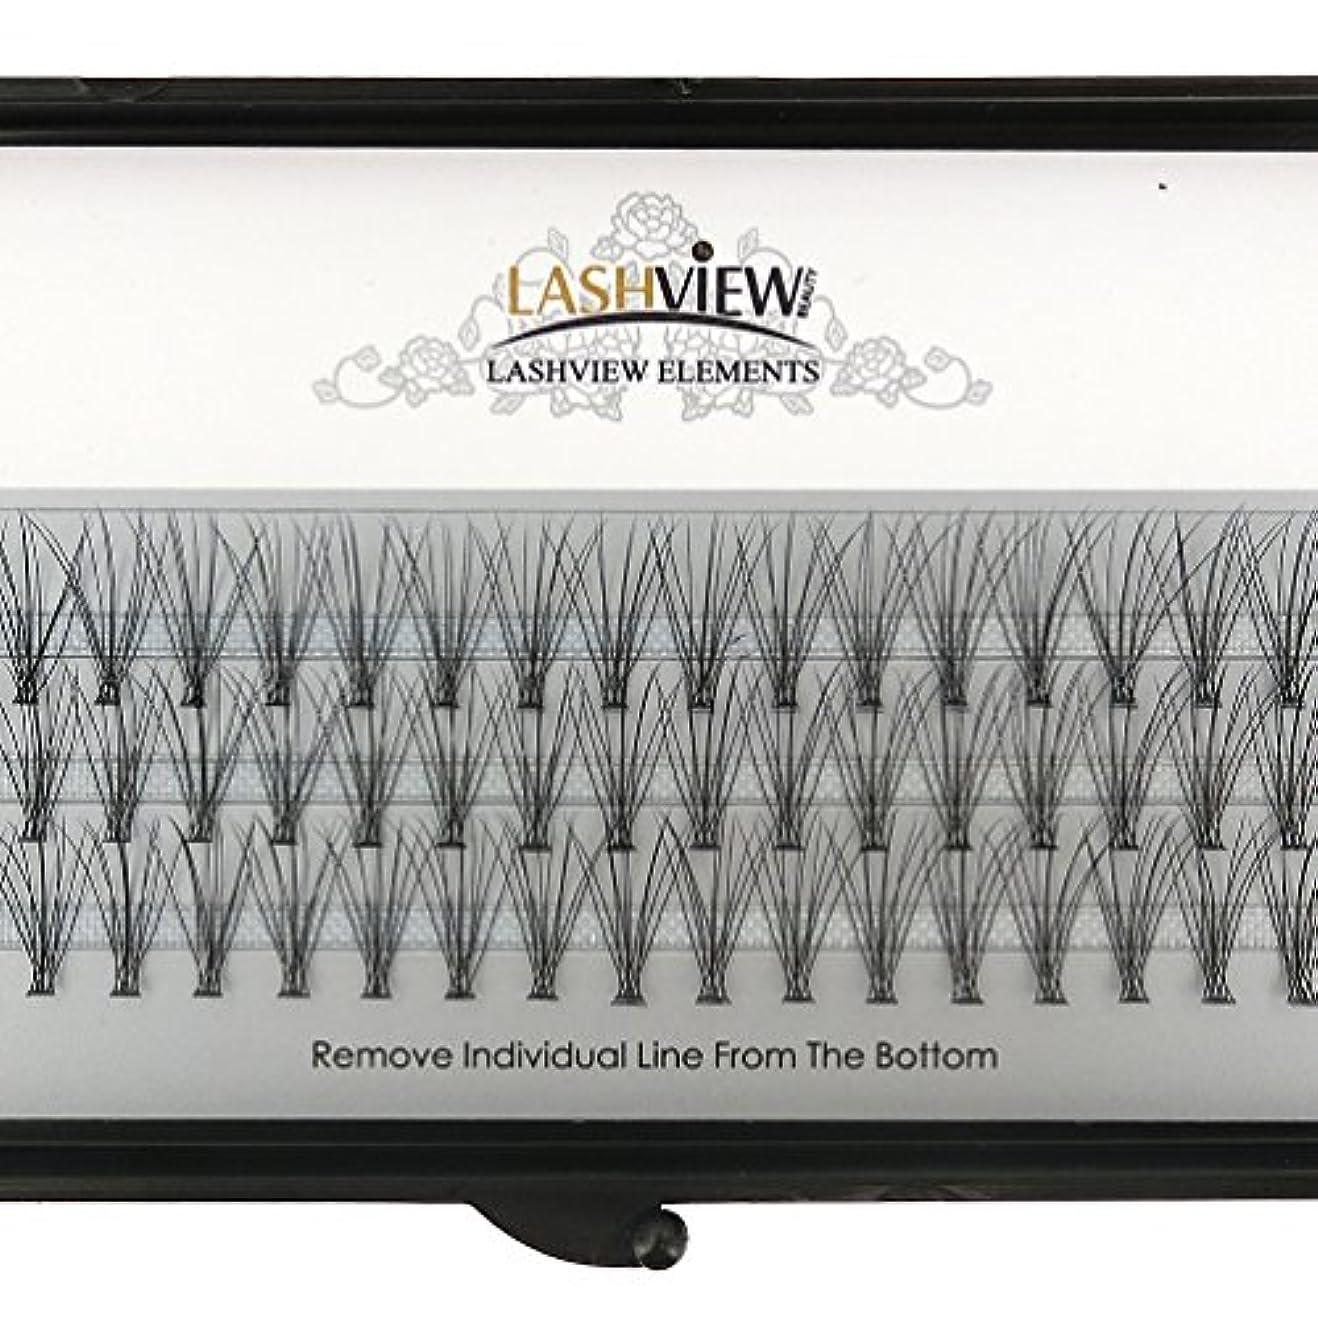 引数海外詐欺LASHVIEW 高品質まつげエクステフレア セルフ用 超極細素材 太さ0.07mm 12mm Cカール マツエク10本束